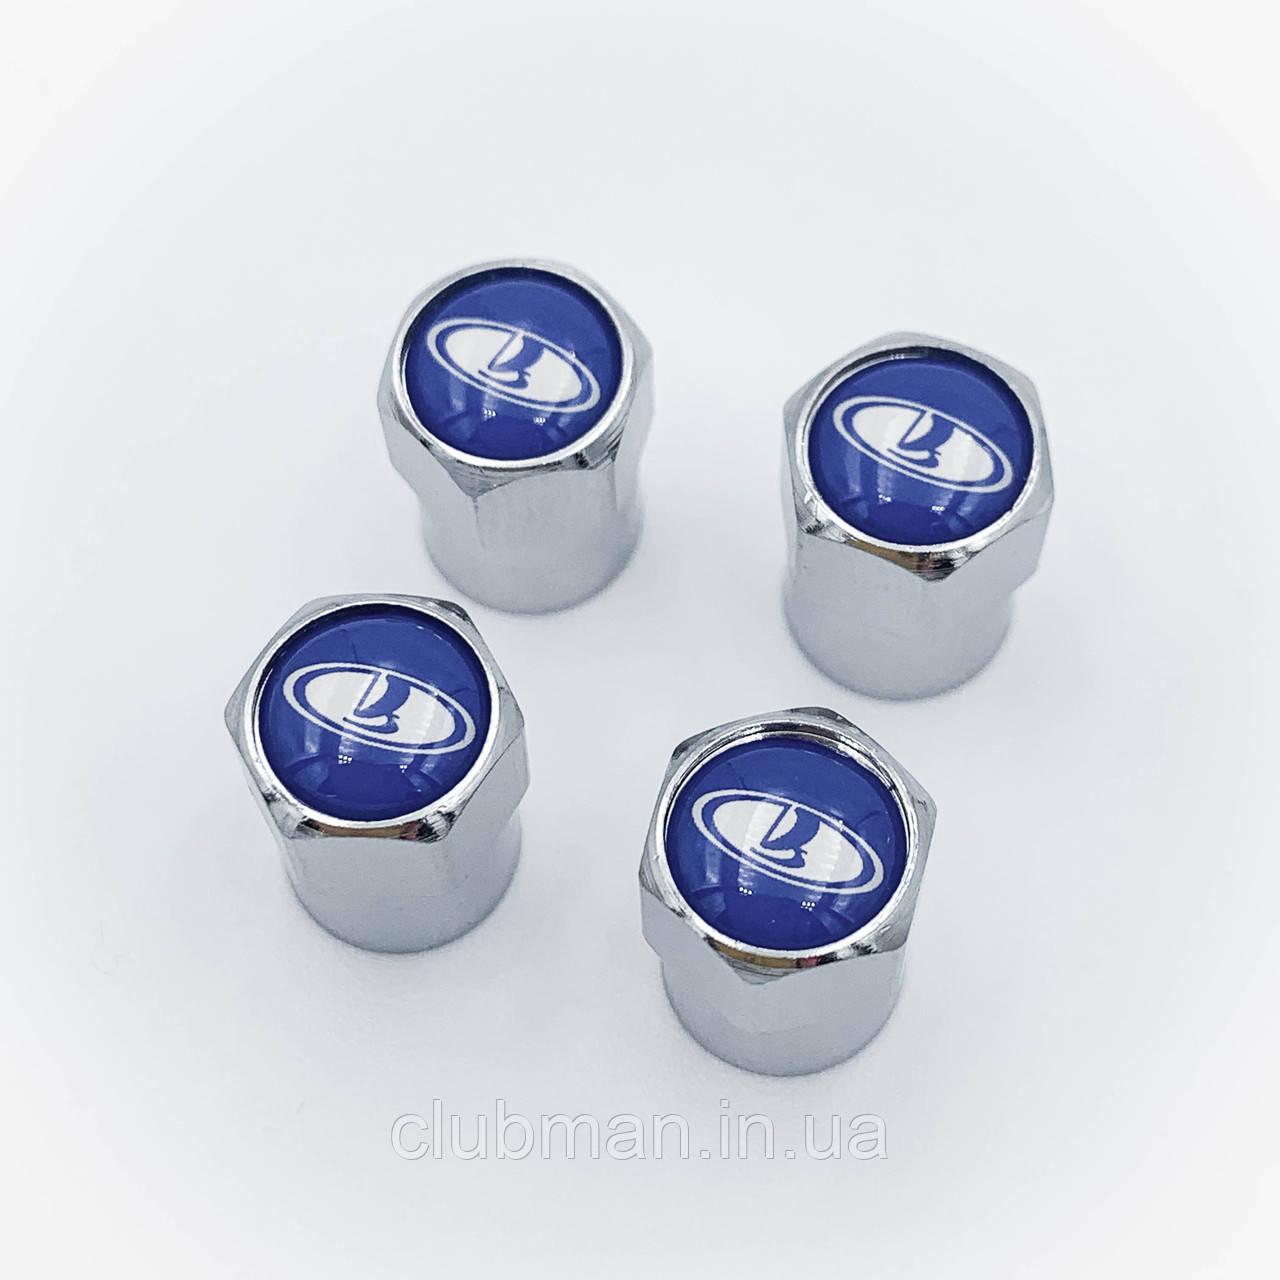 Защитные колпачки на ниппеля ВАЗ Лада (Lada)  4 шт Синий фон Cеребристые